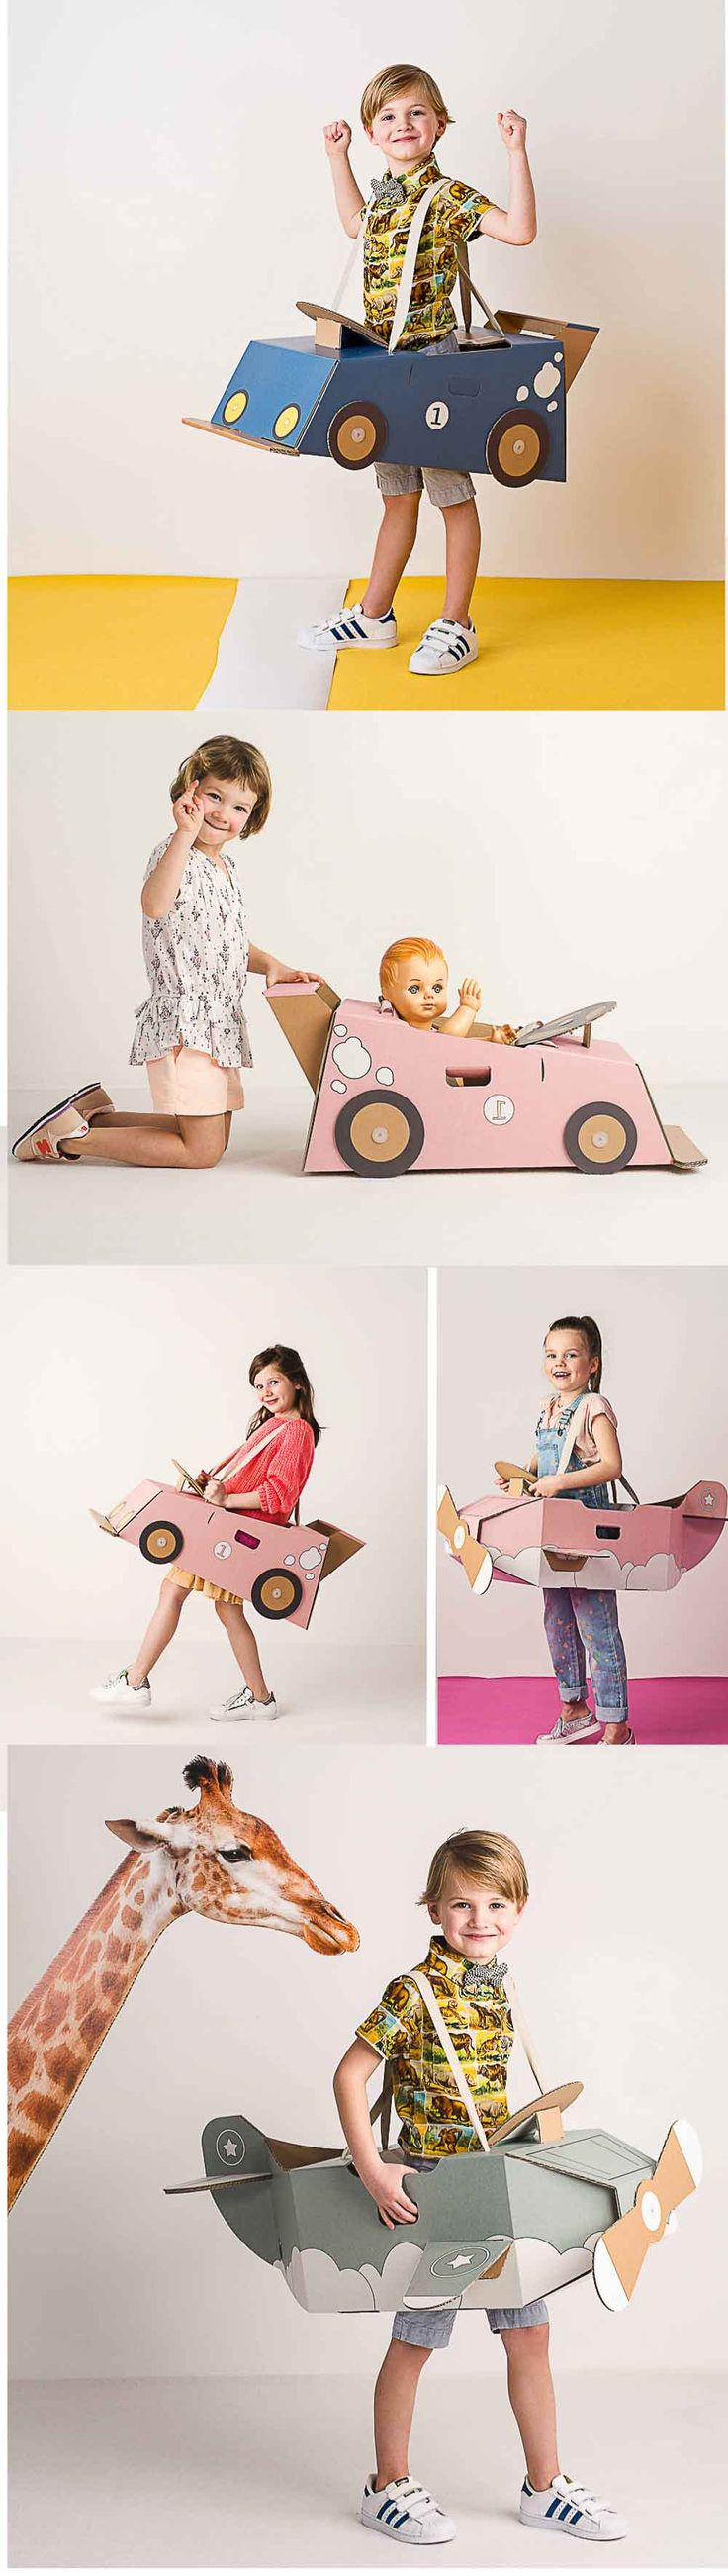 coche de cartón #juguetedecarton #juguetesparaniños #juguetesdecartón #juguete #cartón #disfrazdecoche #disfraz